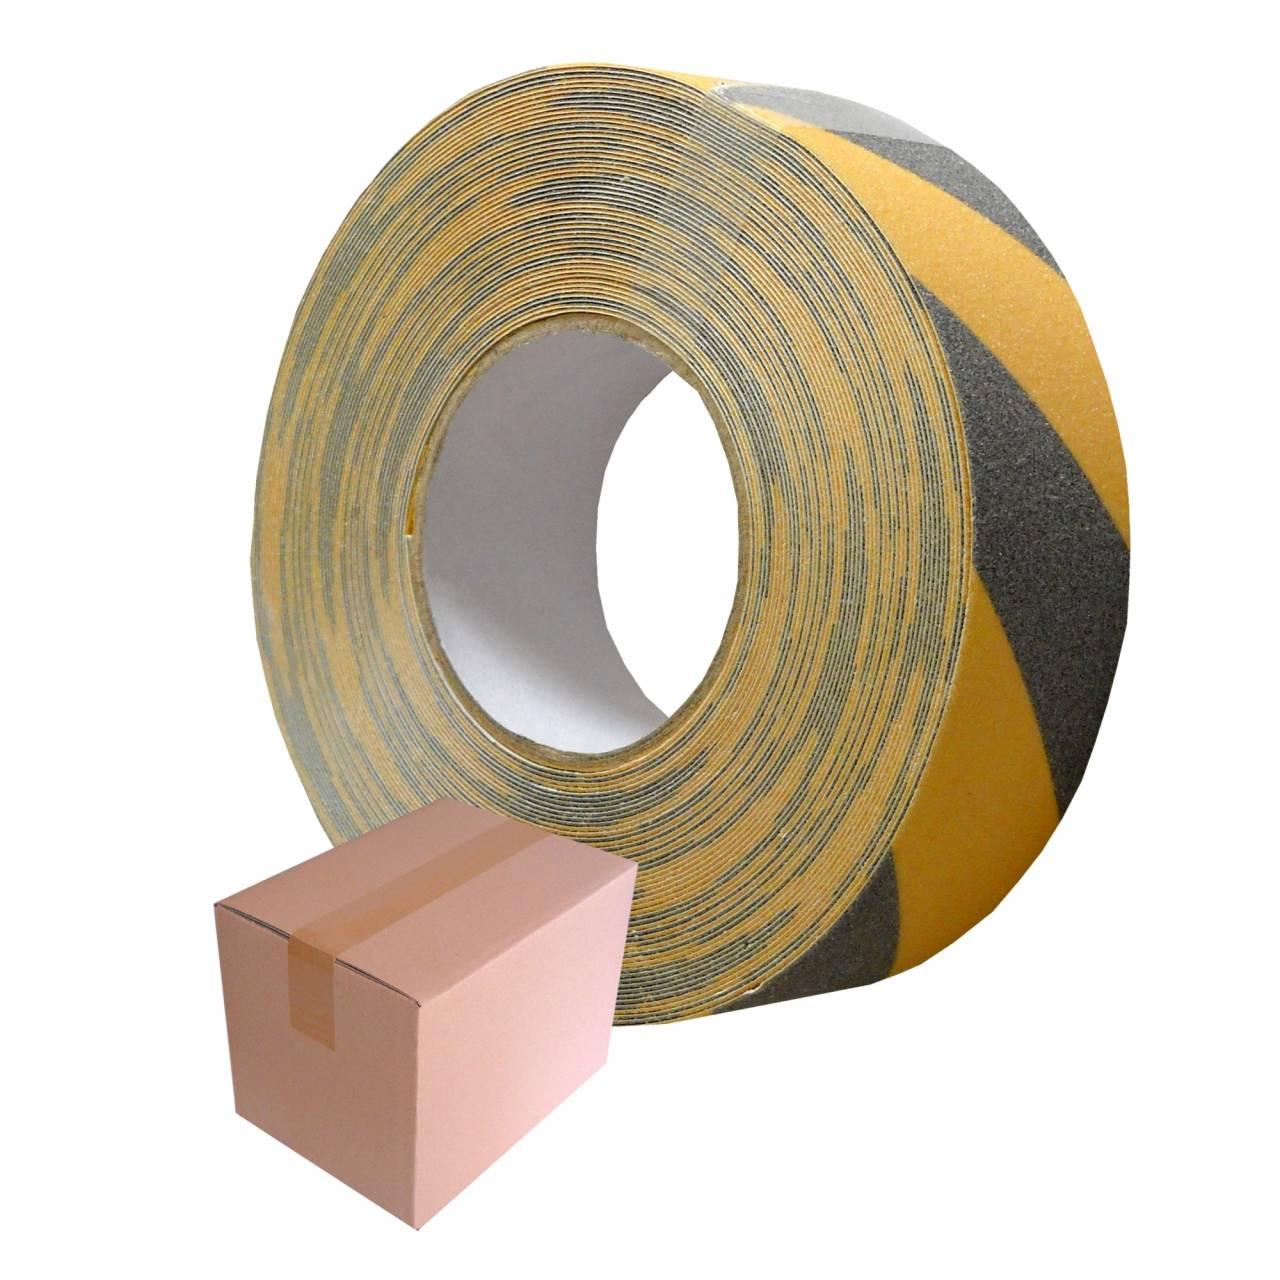 SAFETY-Tape T305 gelb-schwarz, 50 mm x 18 m / Rolle